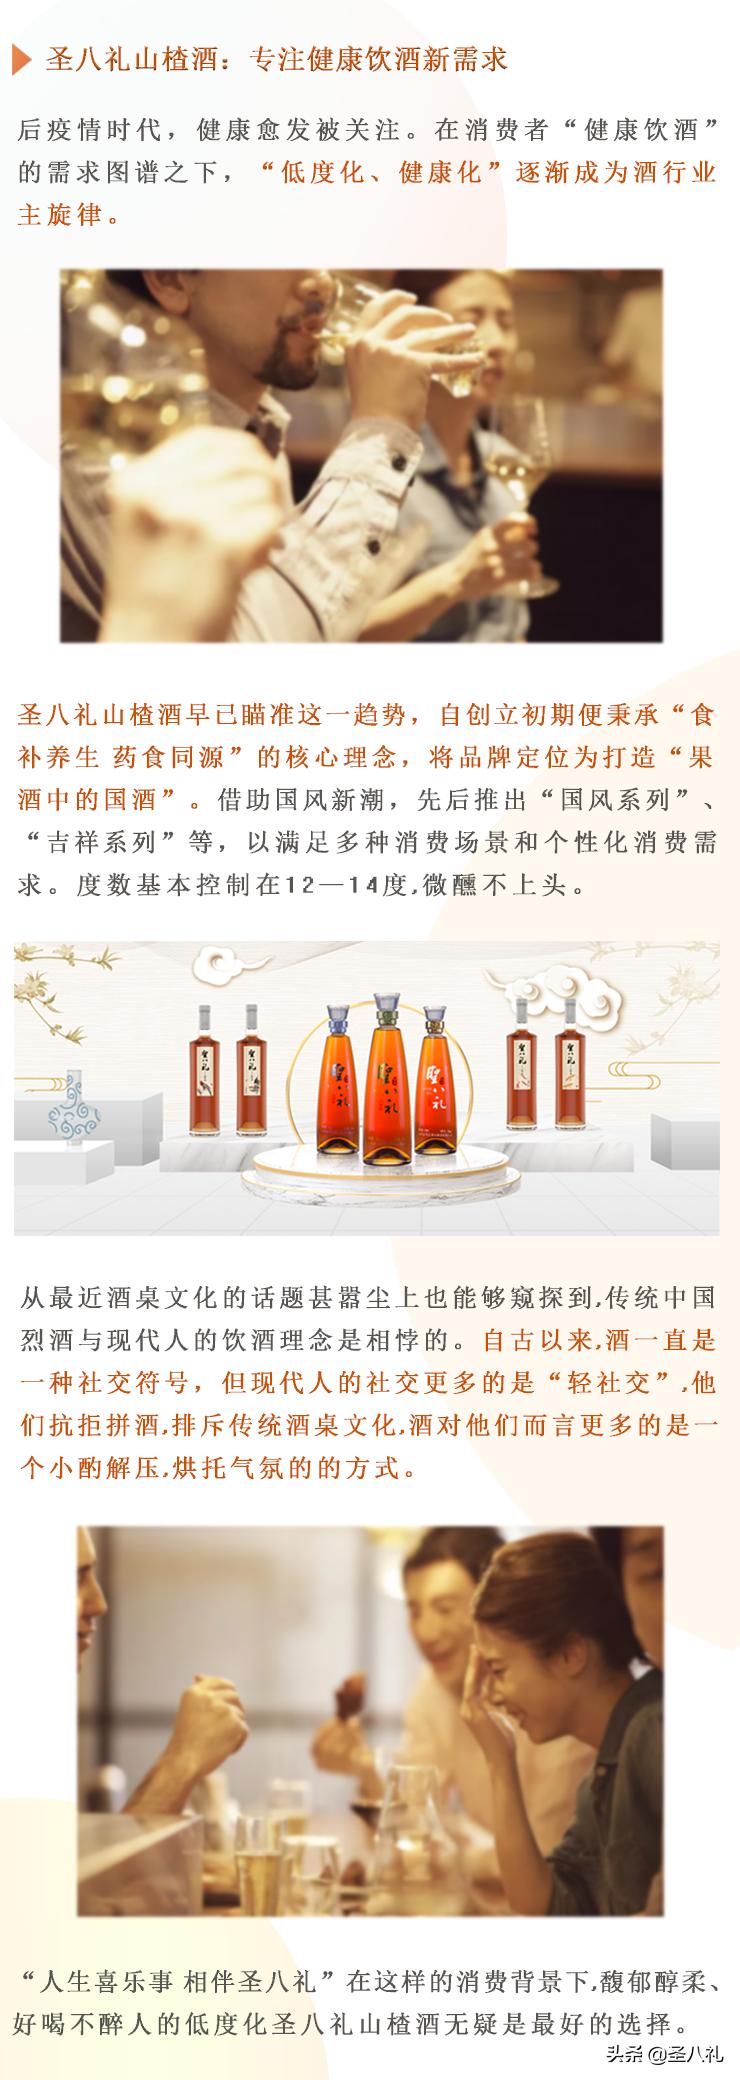 """""""独具一格""""的品牌定位,助圣八礼山楂酒直击""""大健康""""市场"""